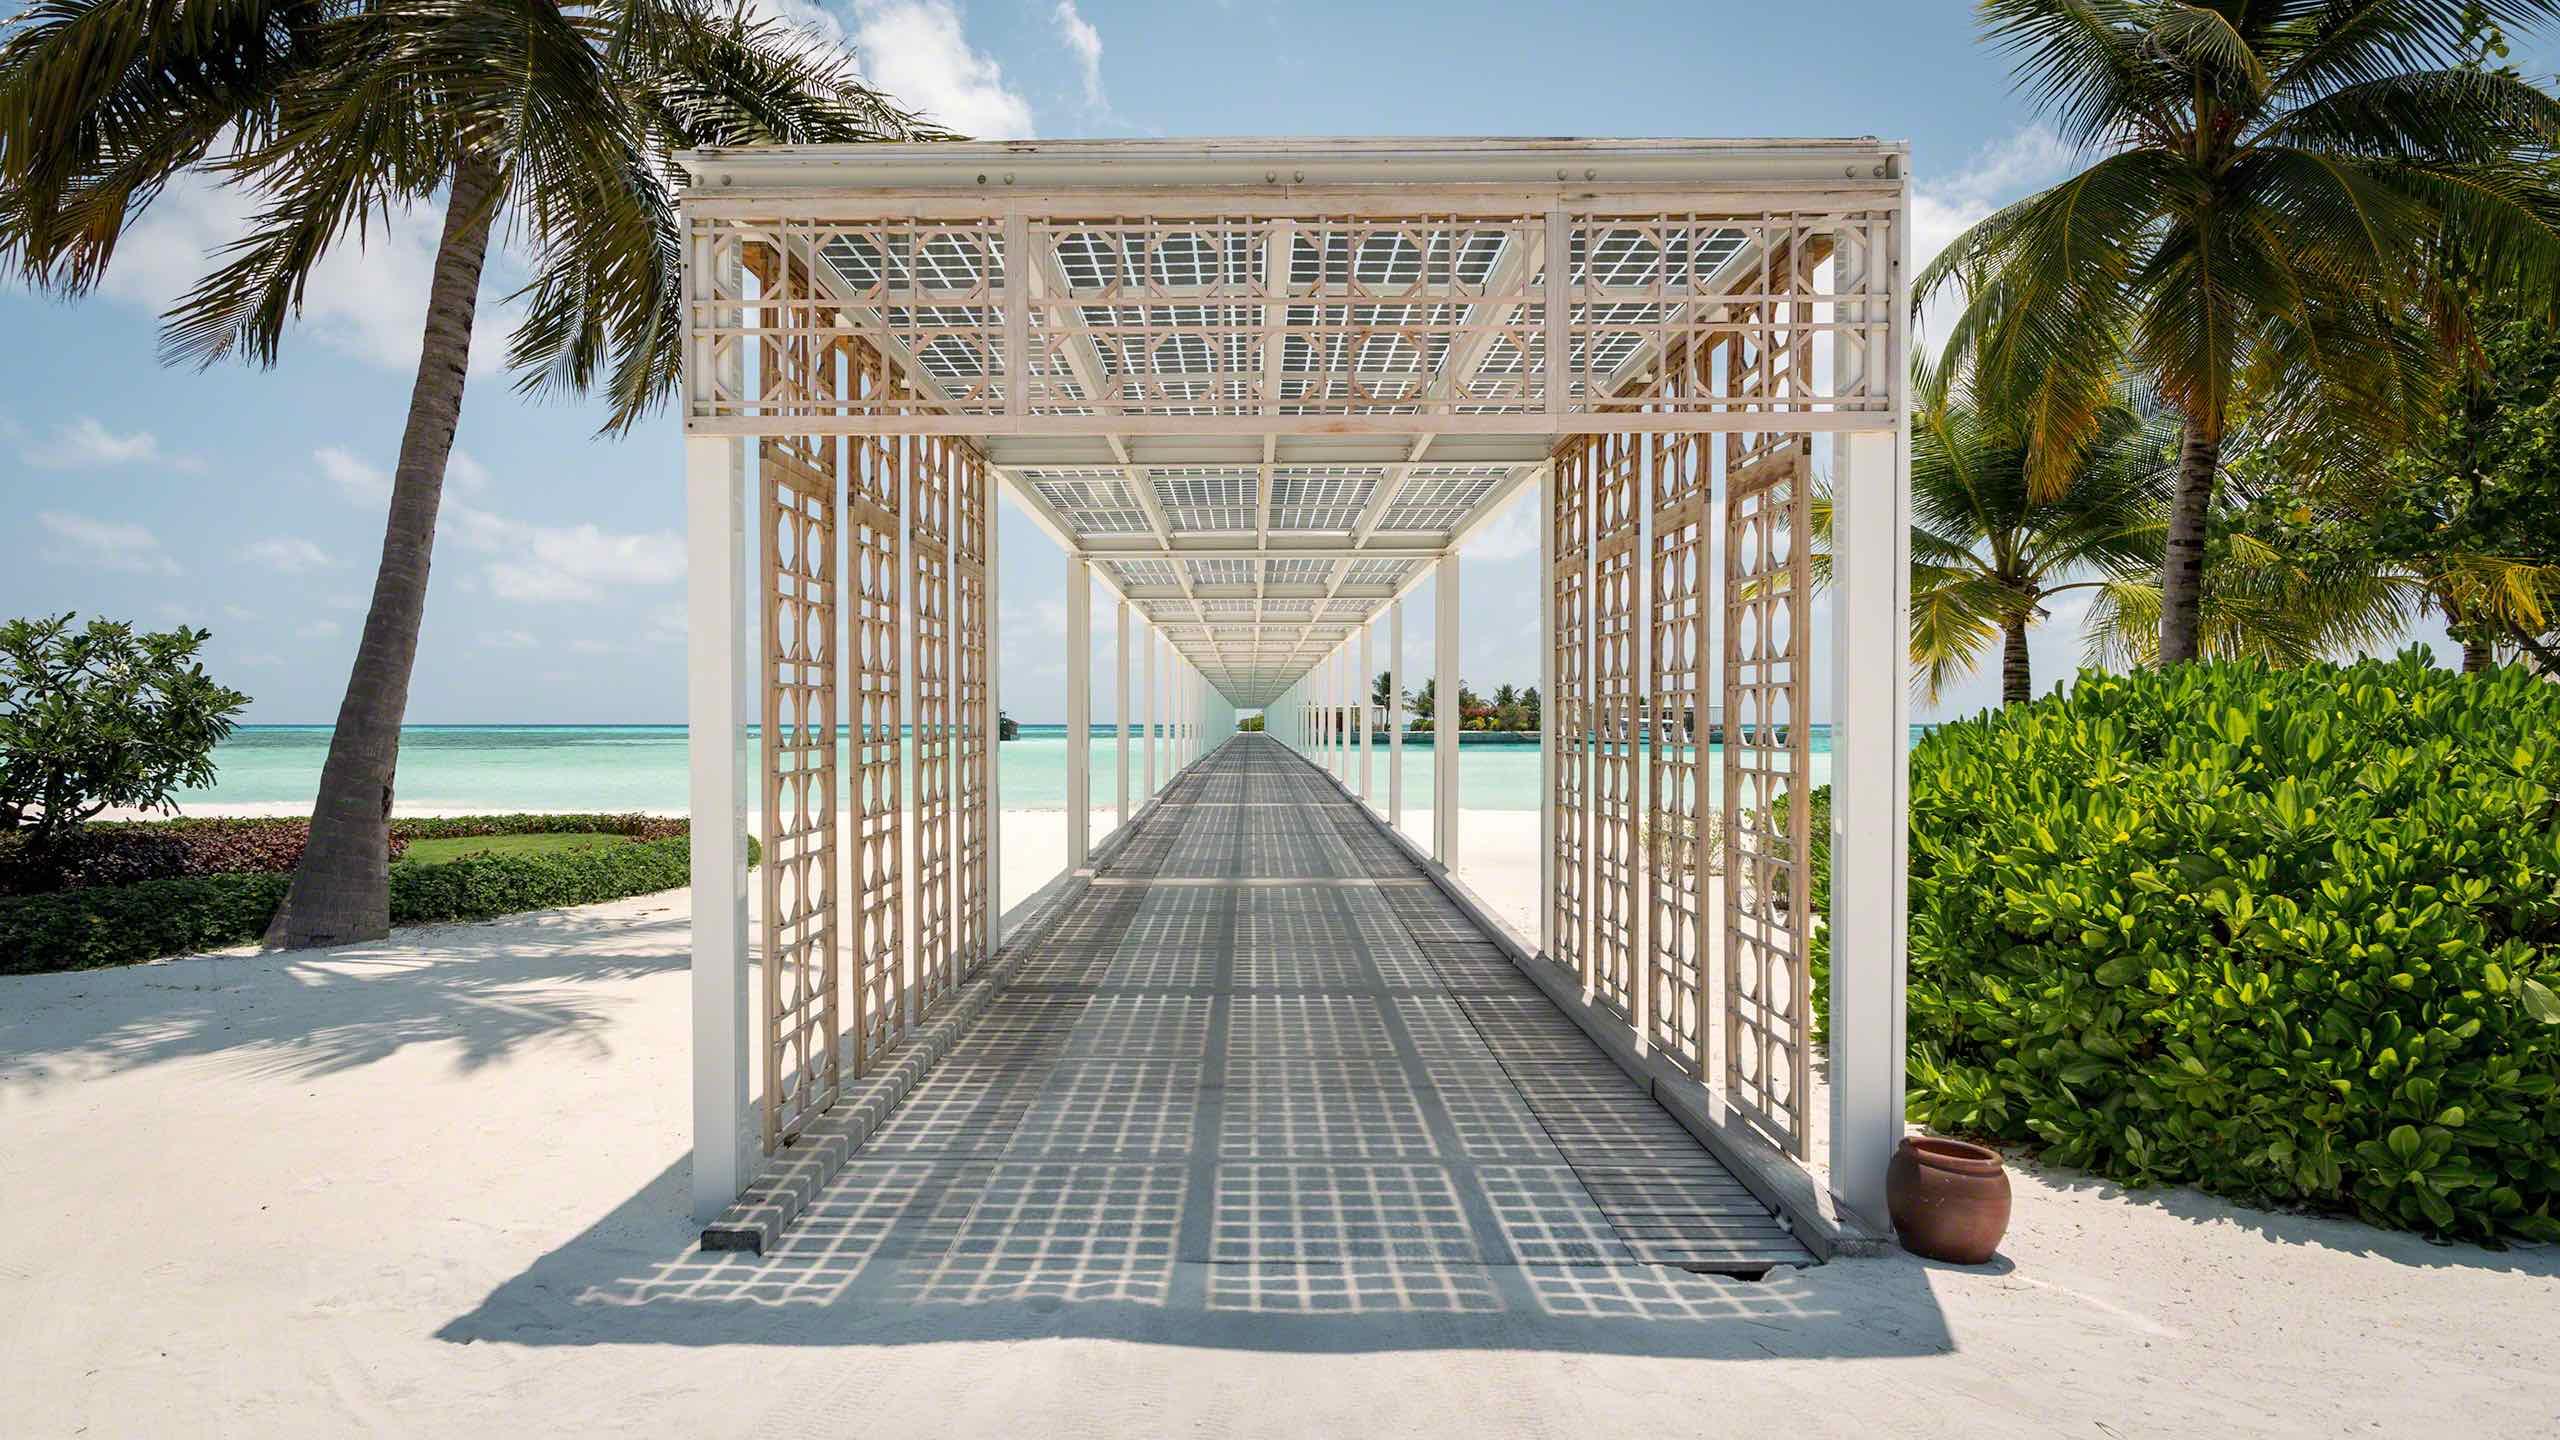 Die Sonne liefert die Energie: Die Photovoltaik-Module auf den Dachflächen versorgen die ganze Insel mit Strom ©Mirco Seyfert